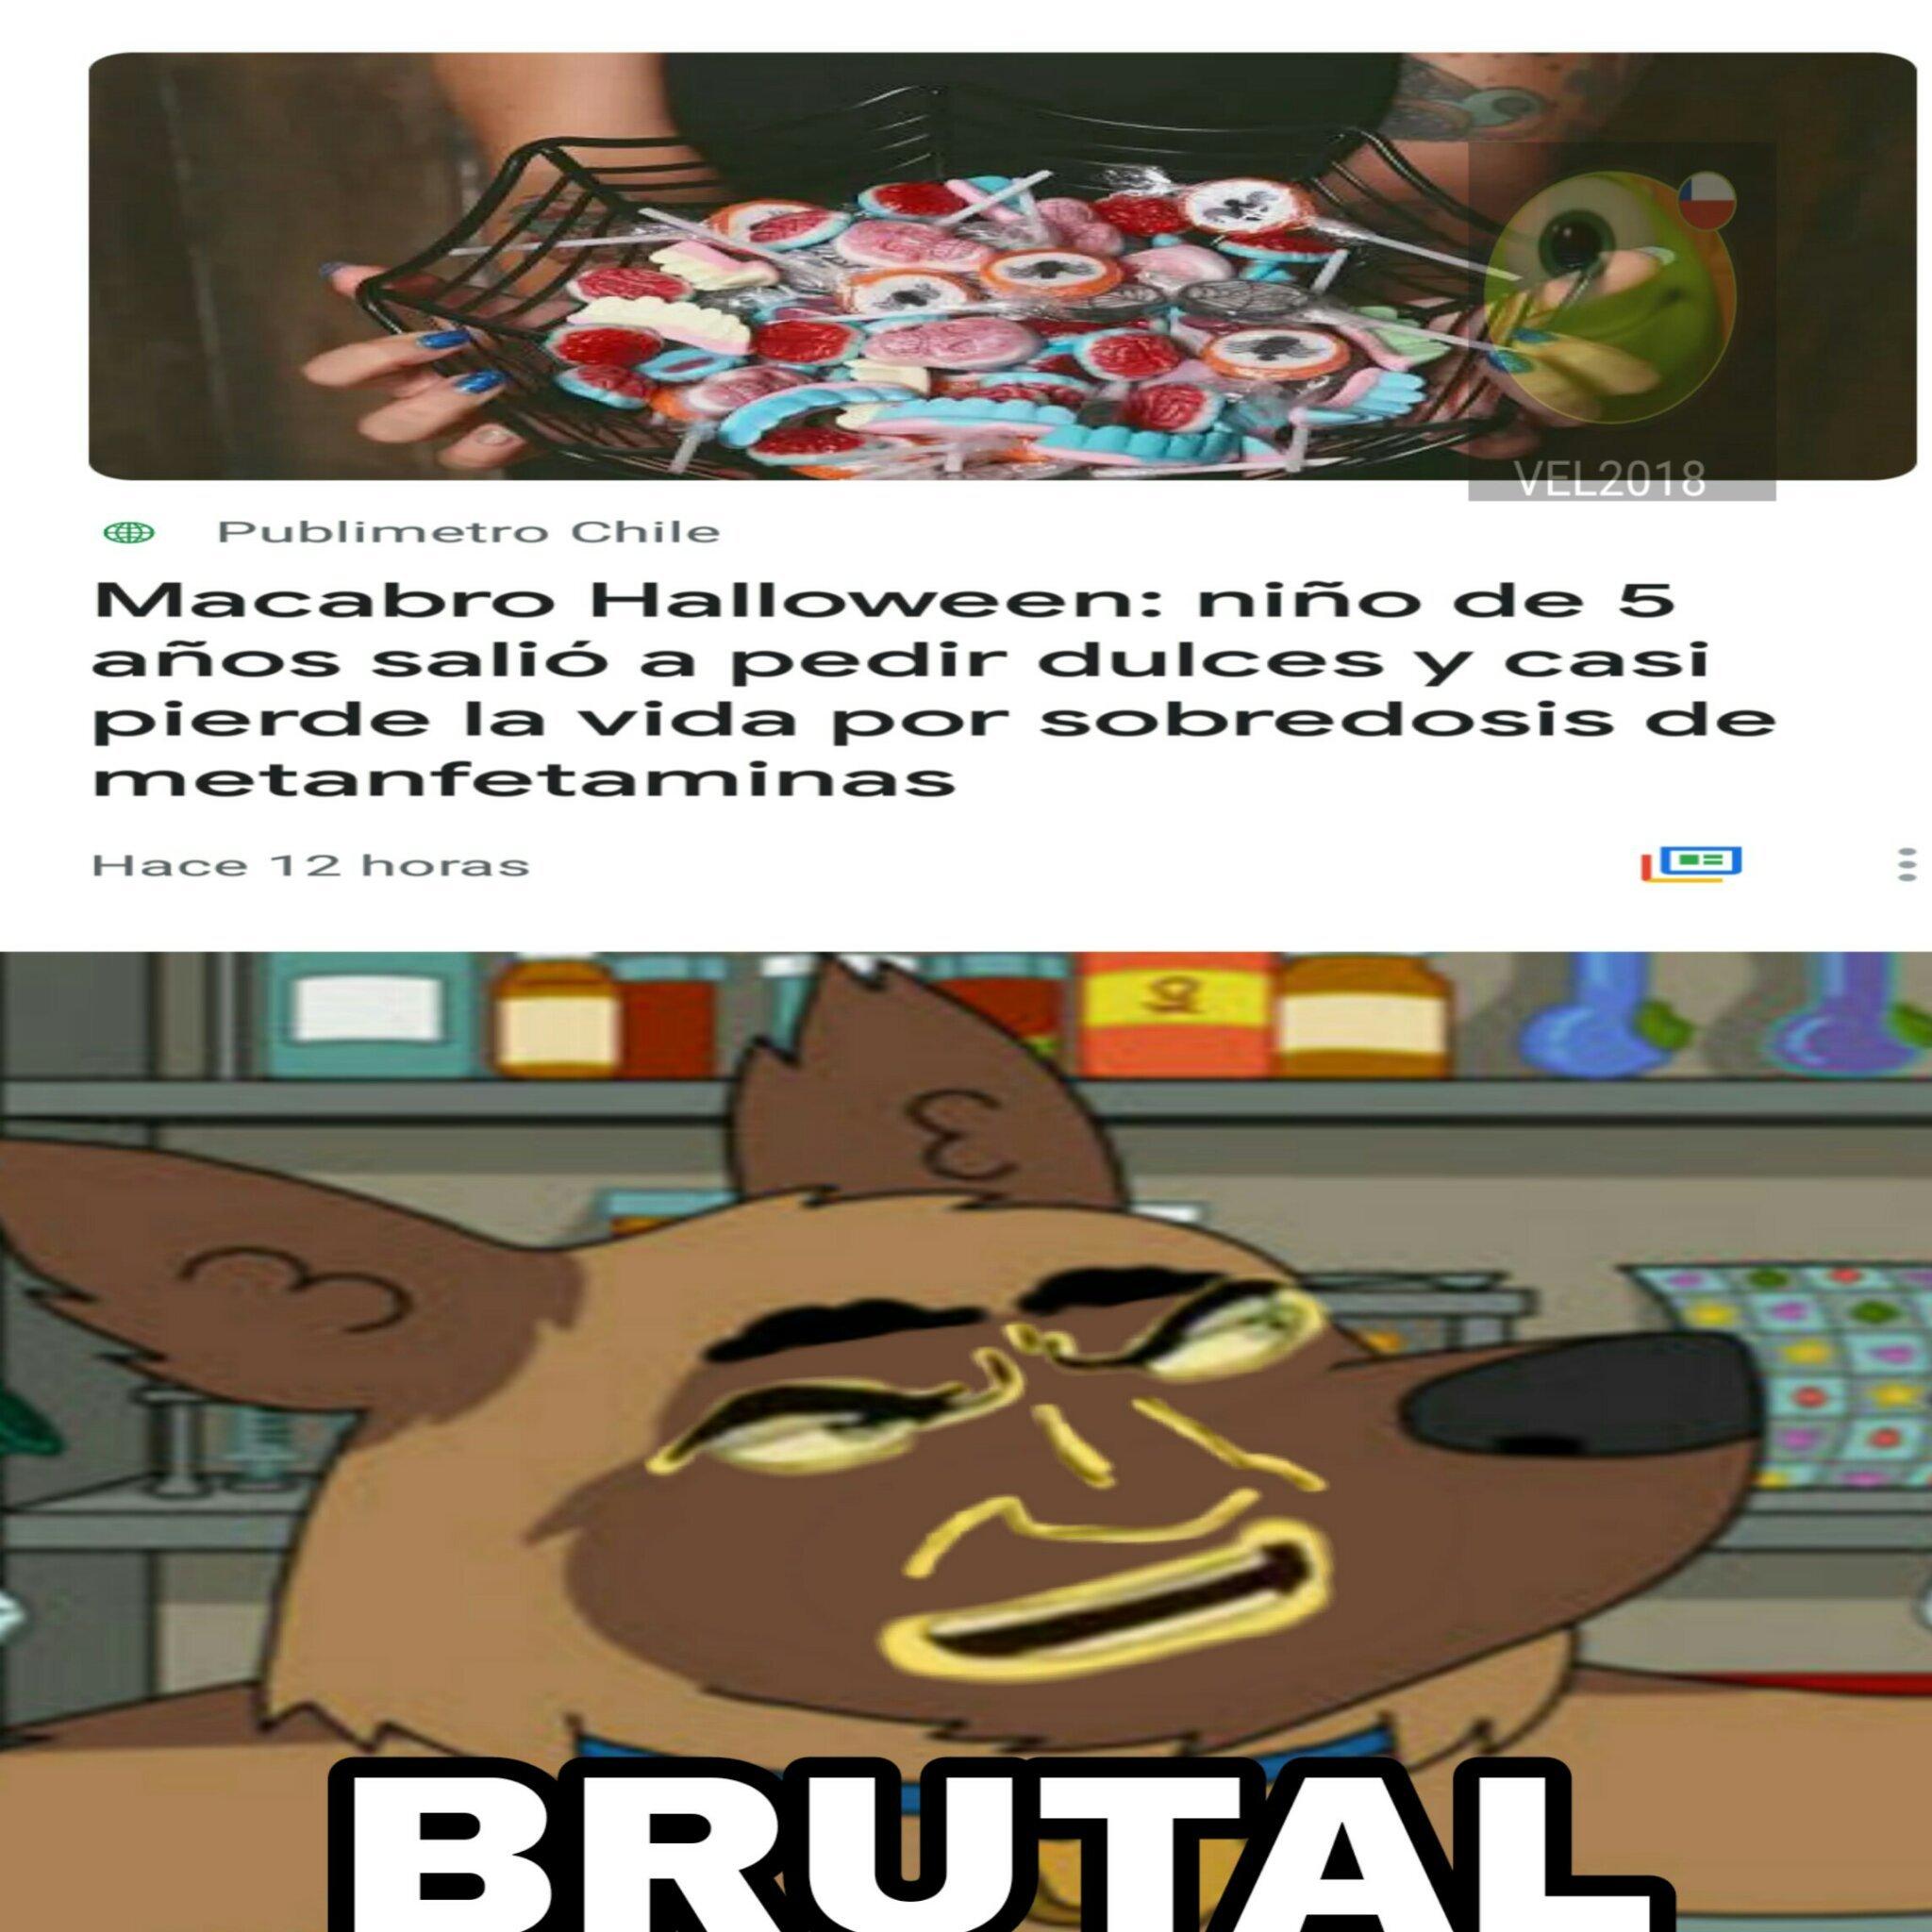 BRUTAL DIJO EK BULLET - meme